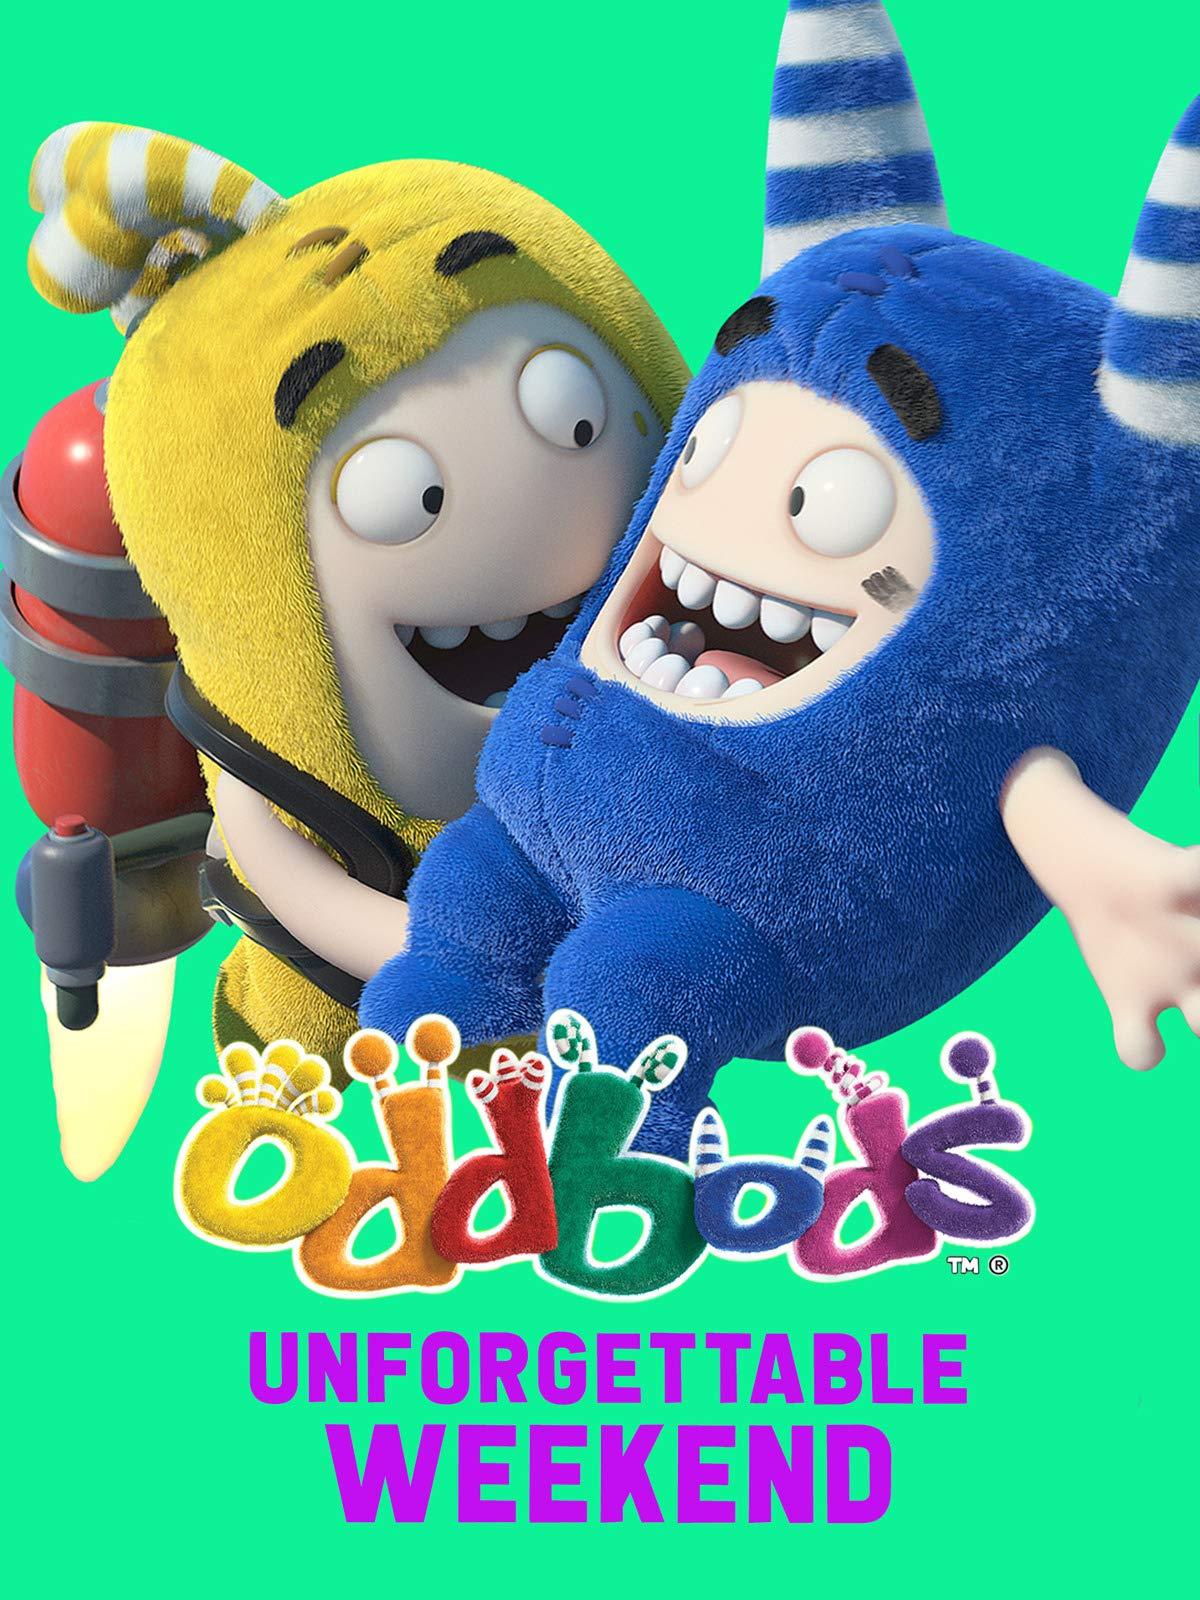 Oddbods - Unforgettable Weekend